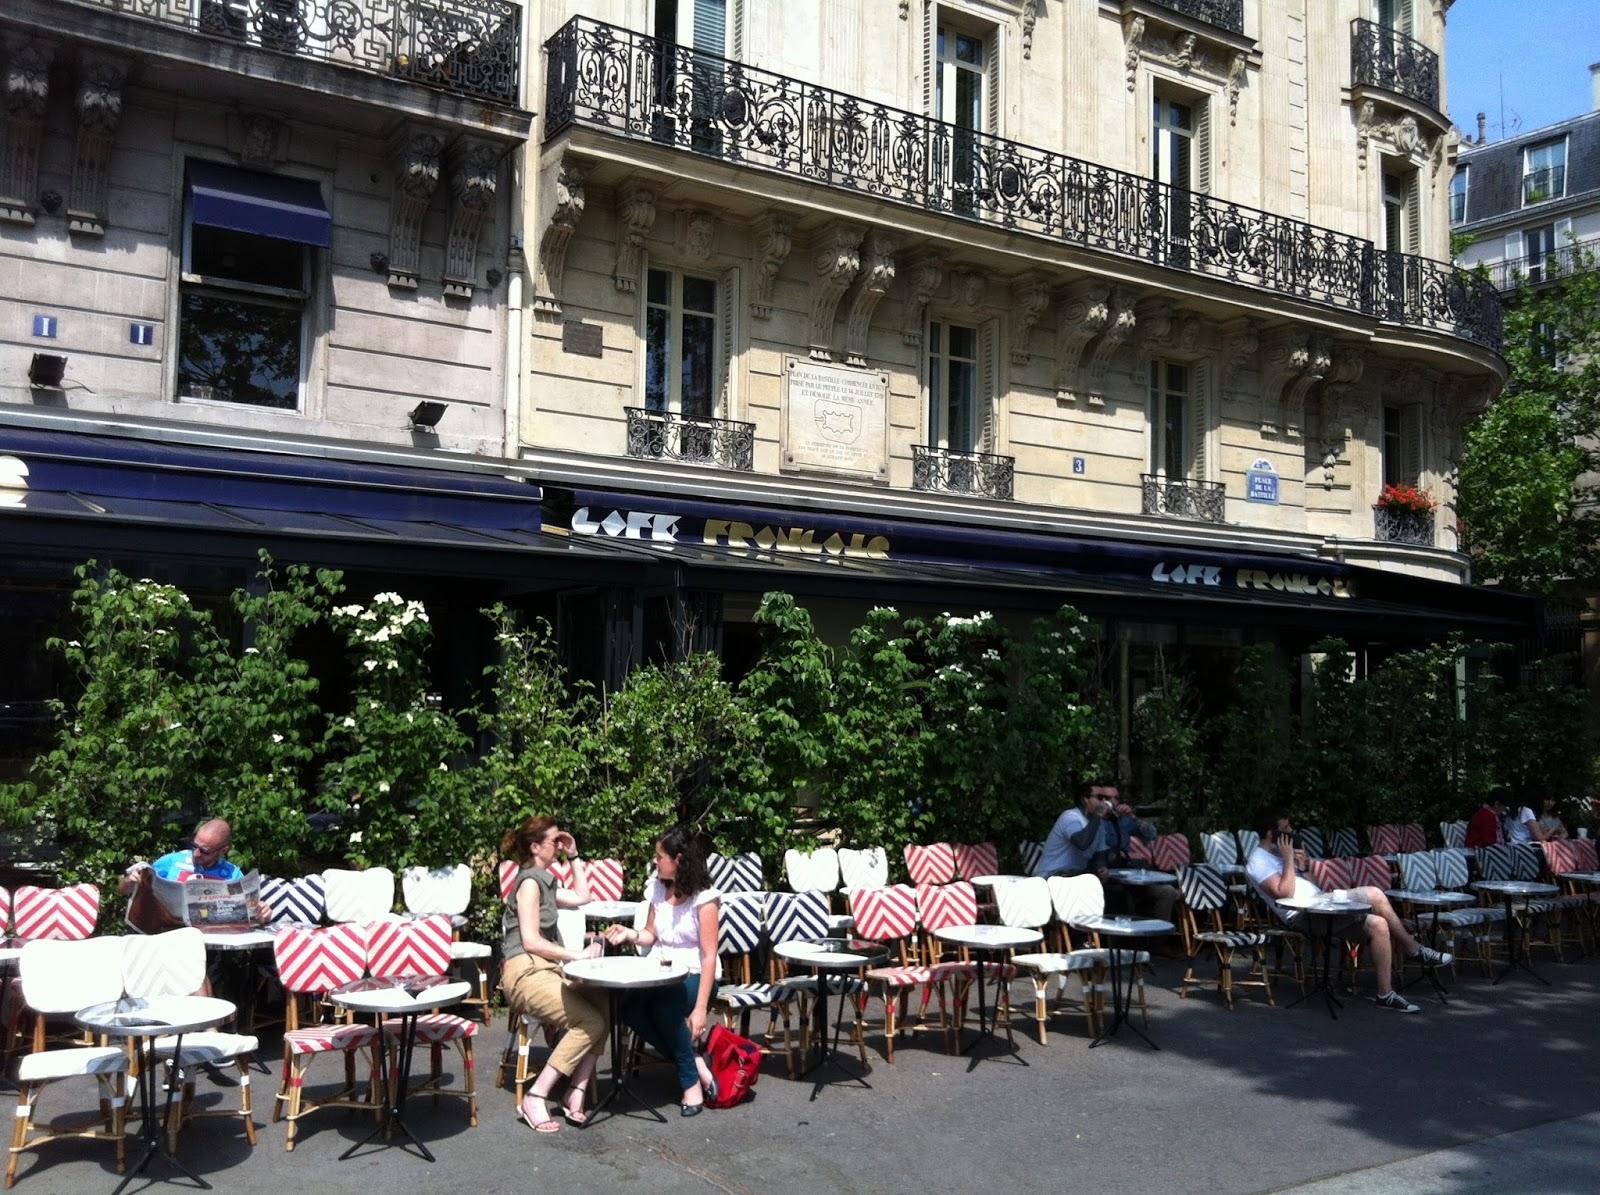 Le caf fran ais bastille for Restaurant bastille terrasse